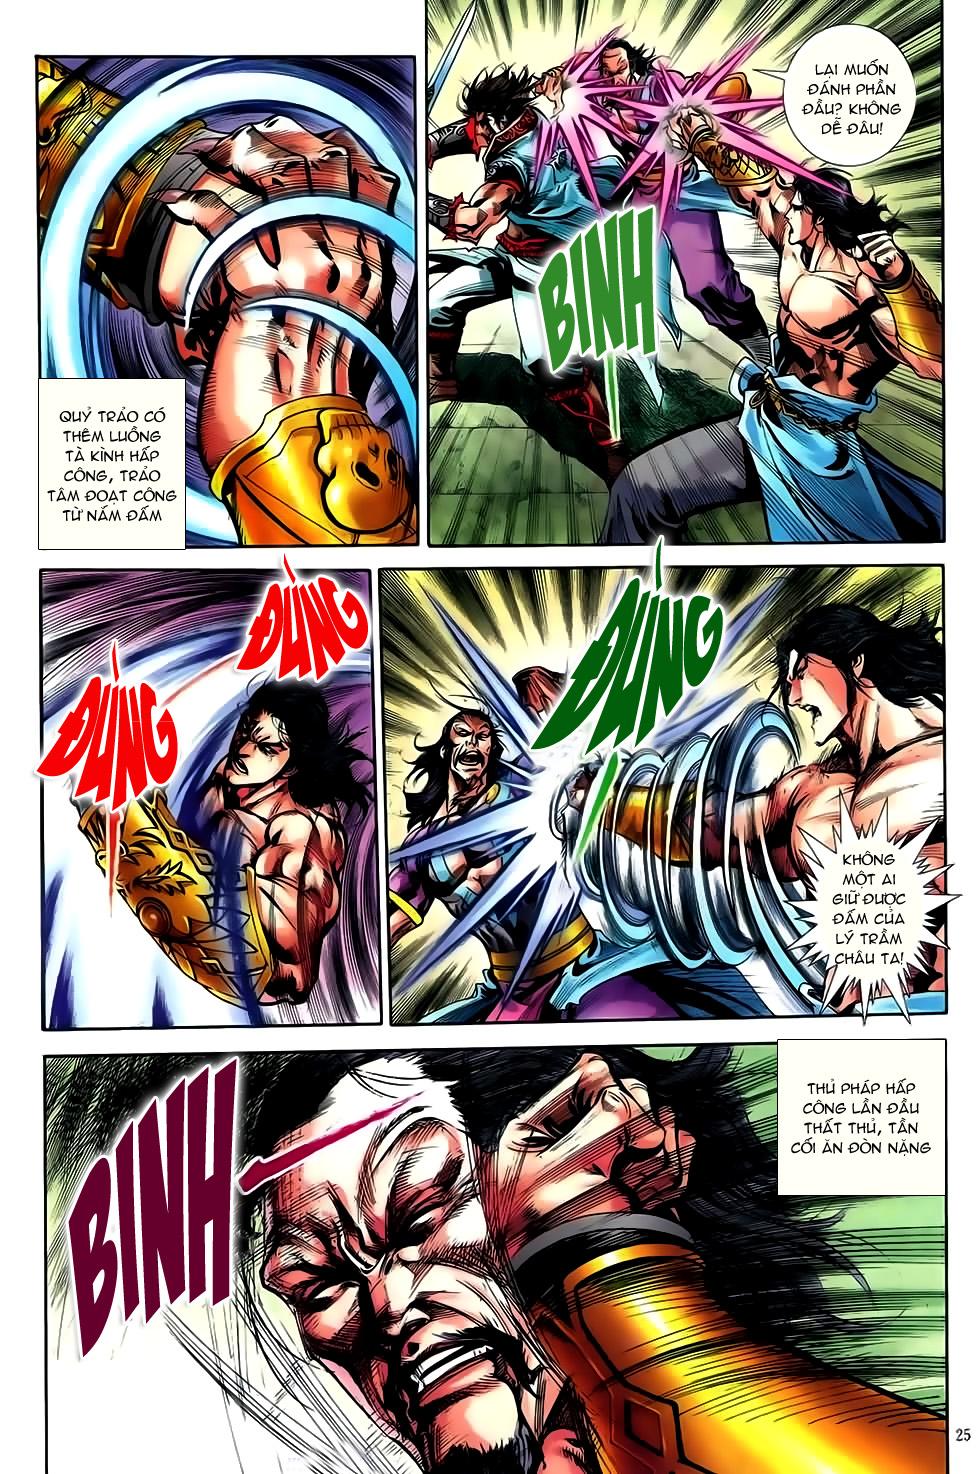 Đại Hiệp Truyền Kỳ (Thần Châu Hậu Truyện) chap 50 - Trang 22